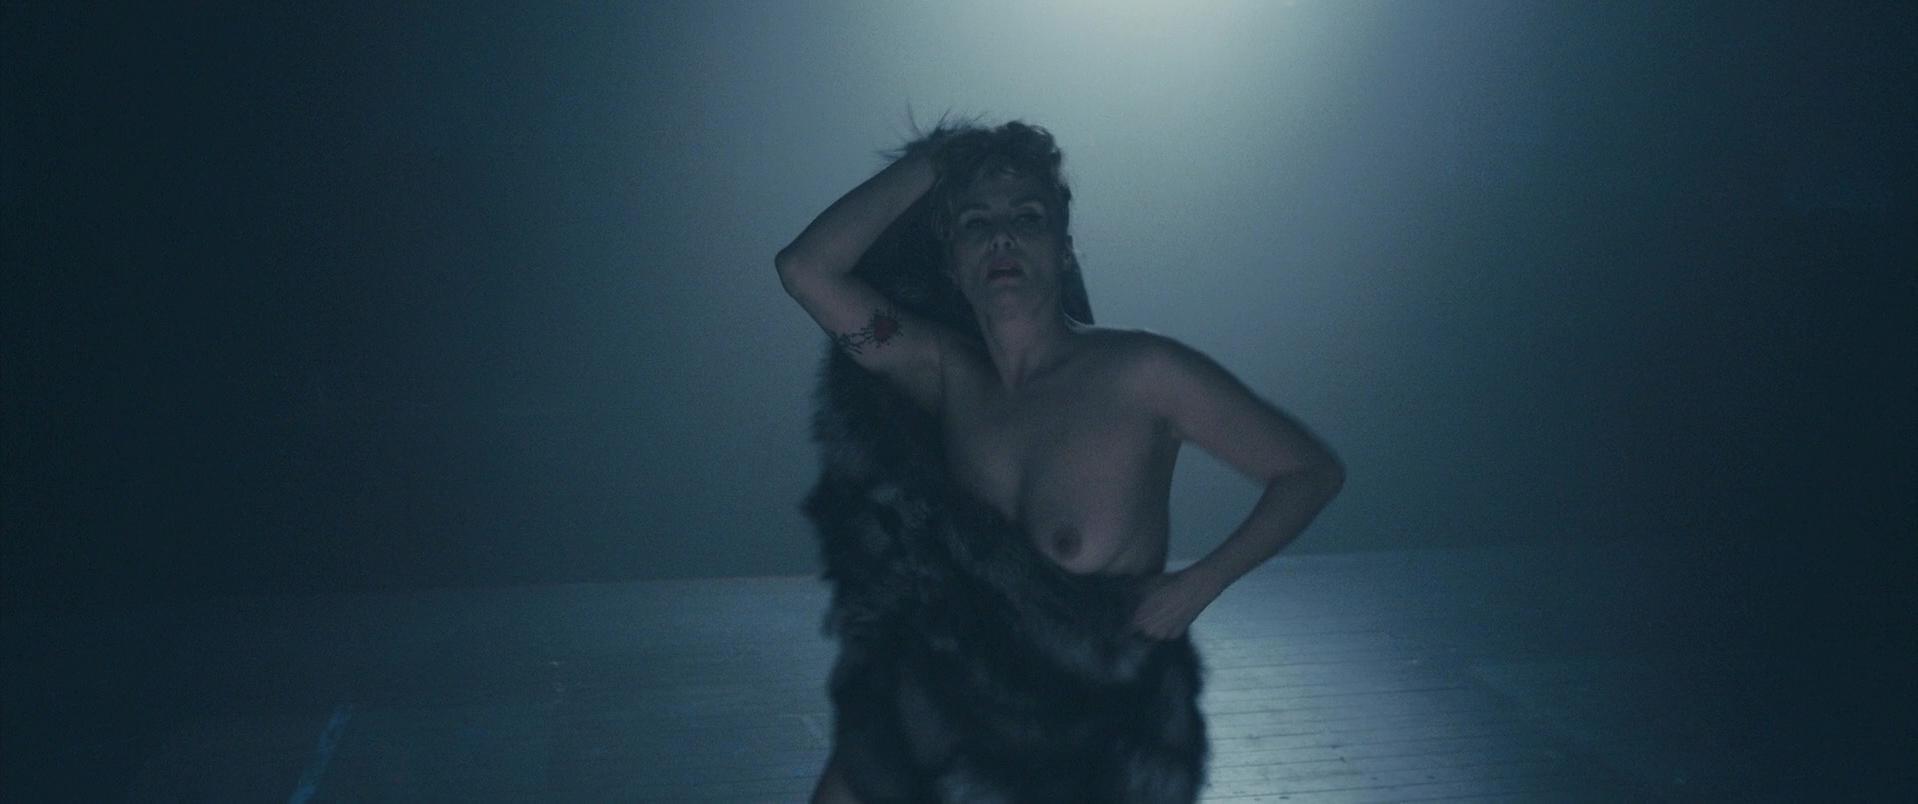 Emmanuelle Seigner nude - Venus in Fur (2013)